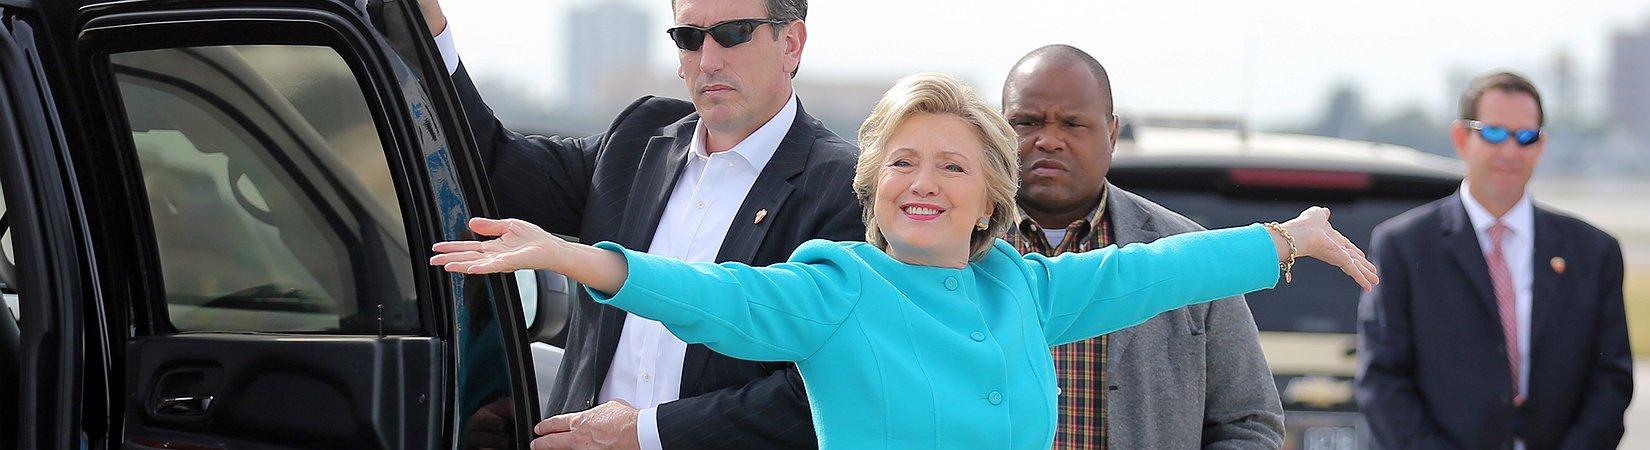 Märkte reagieren positiv auf die Einstellung der Ermittlungen gegen Clinton